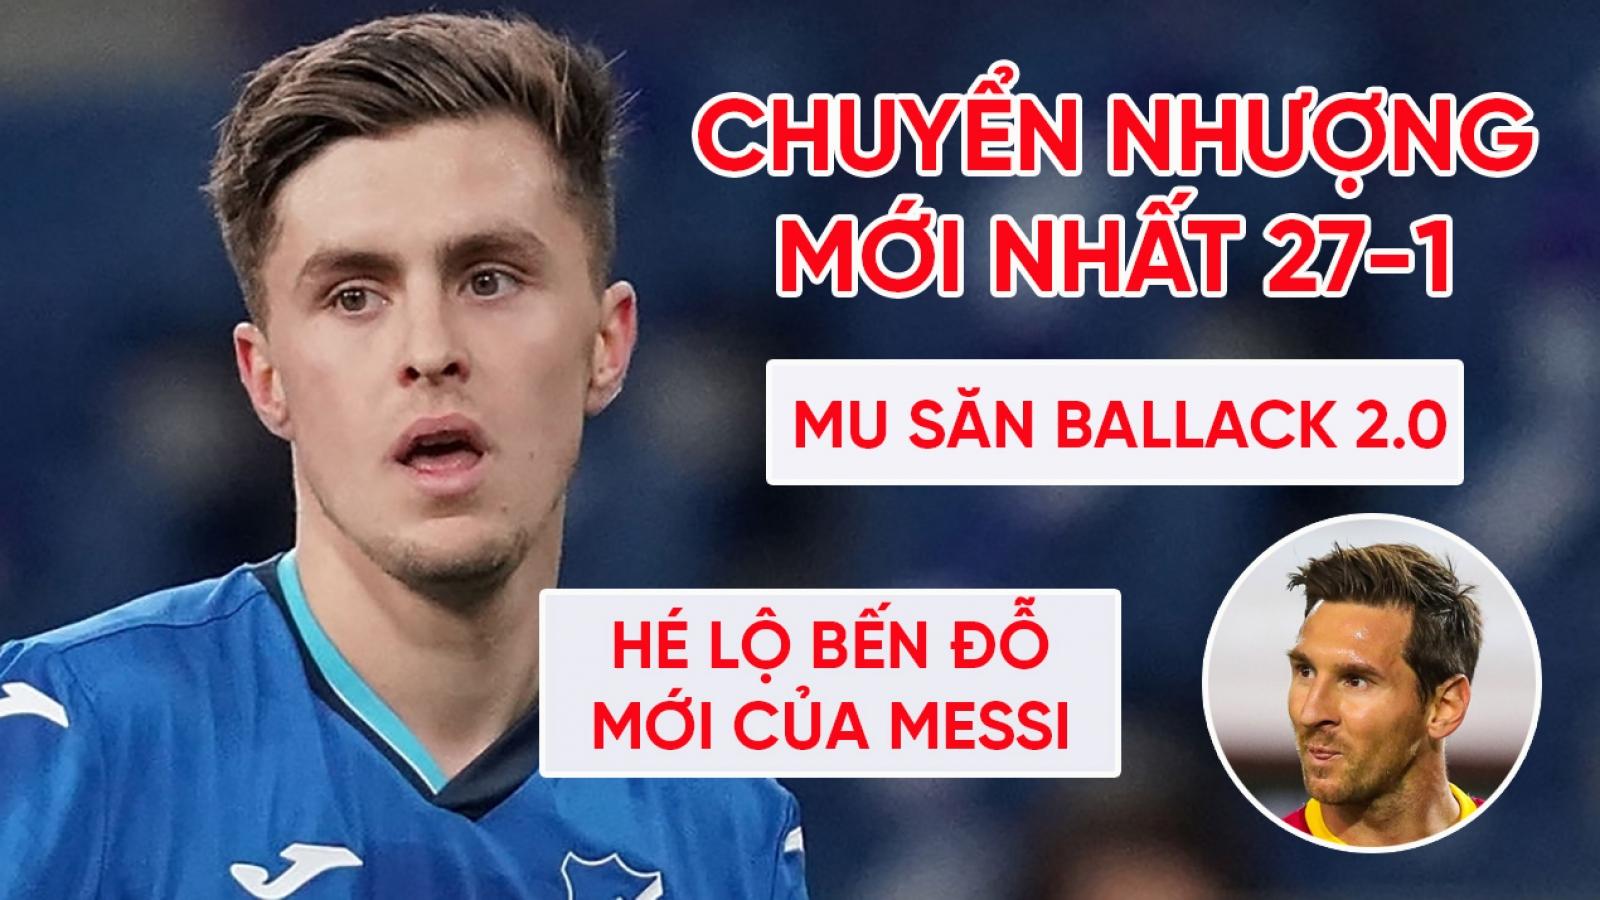 """Chuyển nhượng 27/1: MU hỏi mua """"Michael Ballack 2.0"""", hé lộ bến đỗ của Messi"""